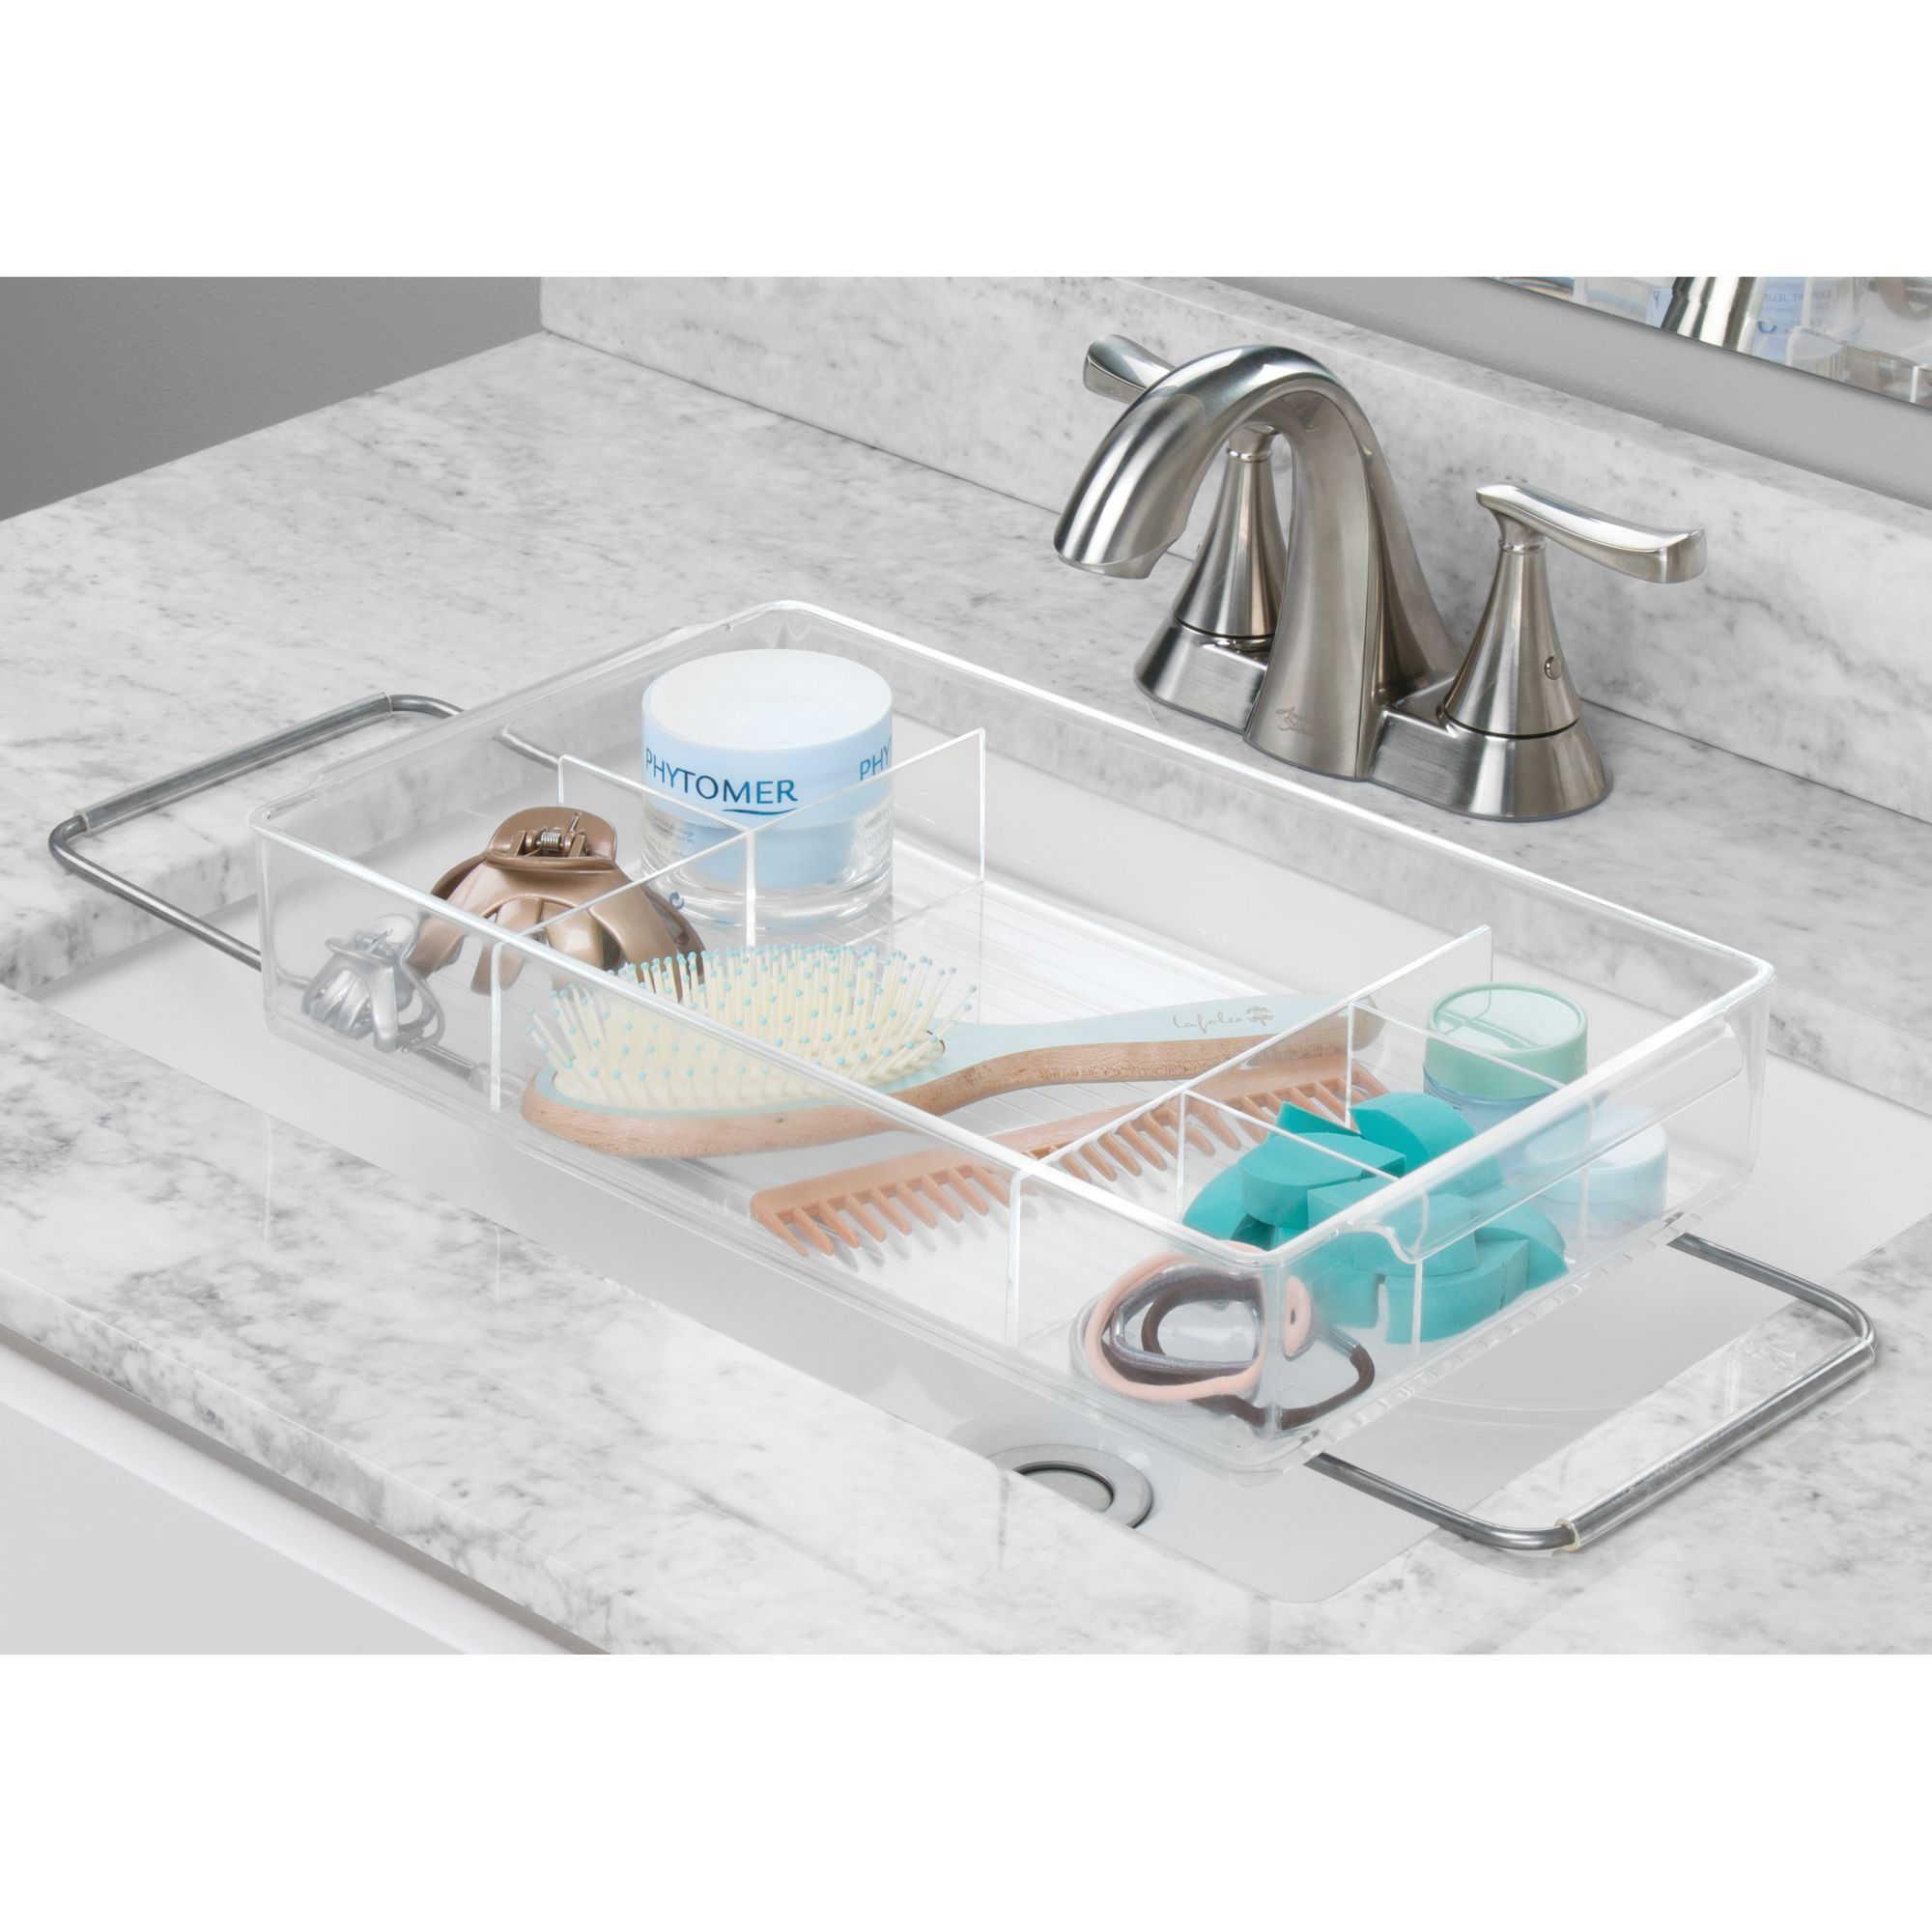 Interdesign Over The Sink Organizer